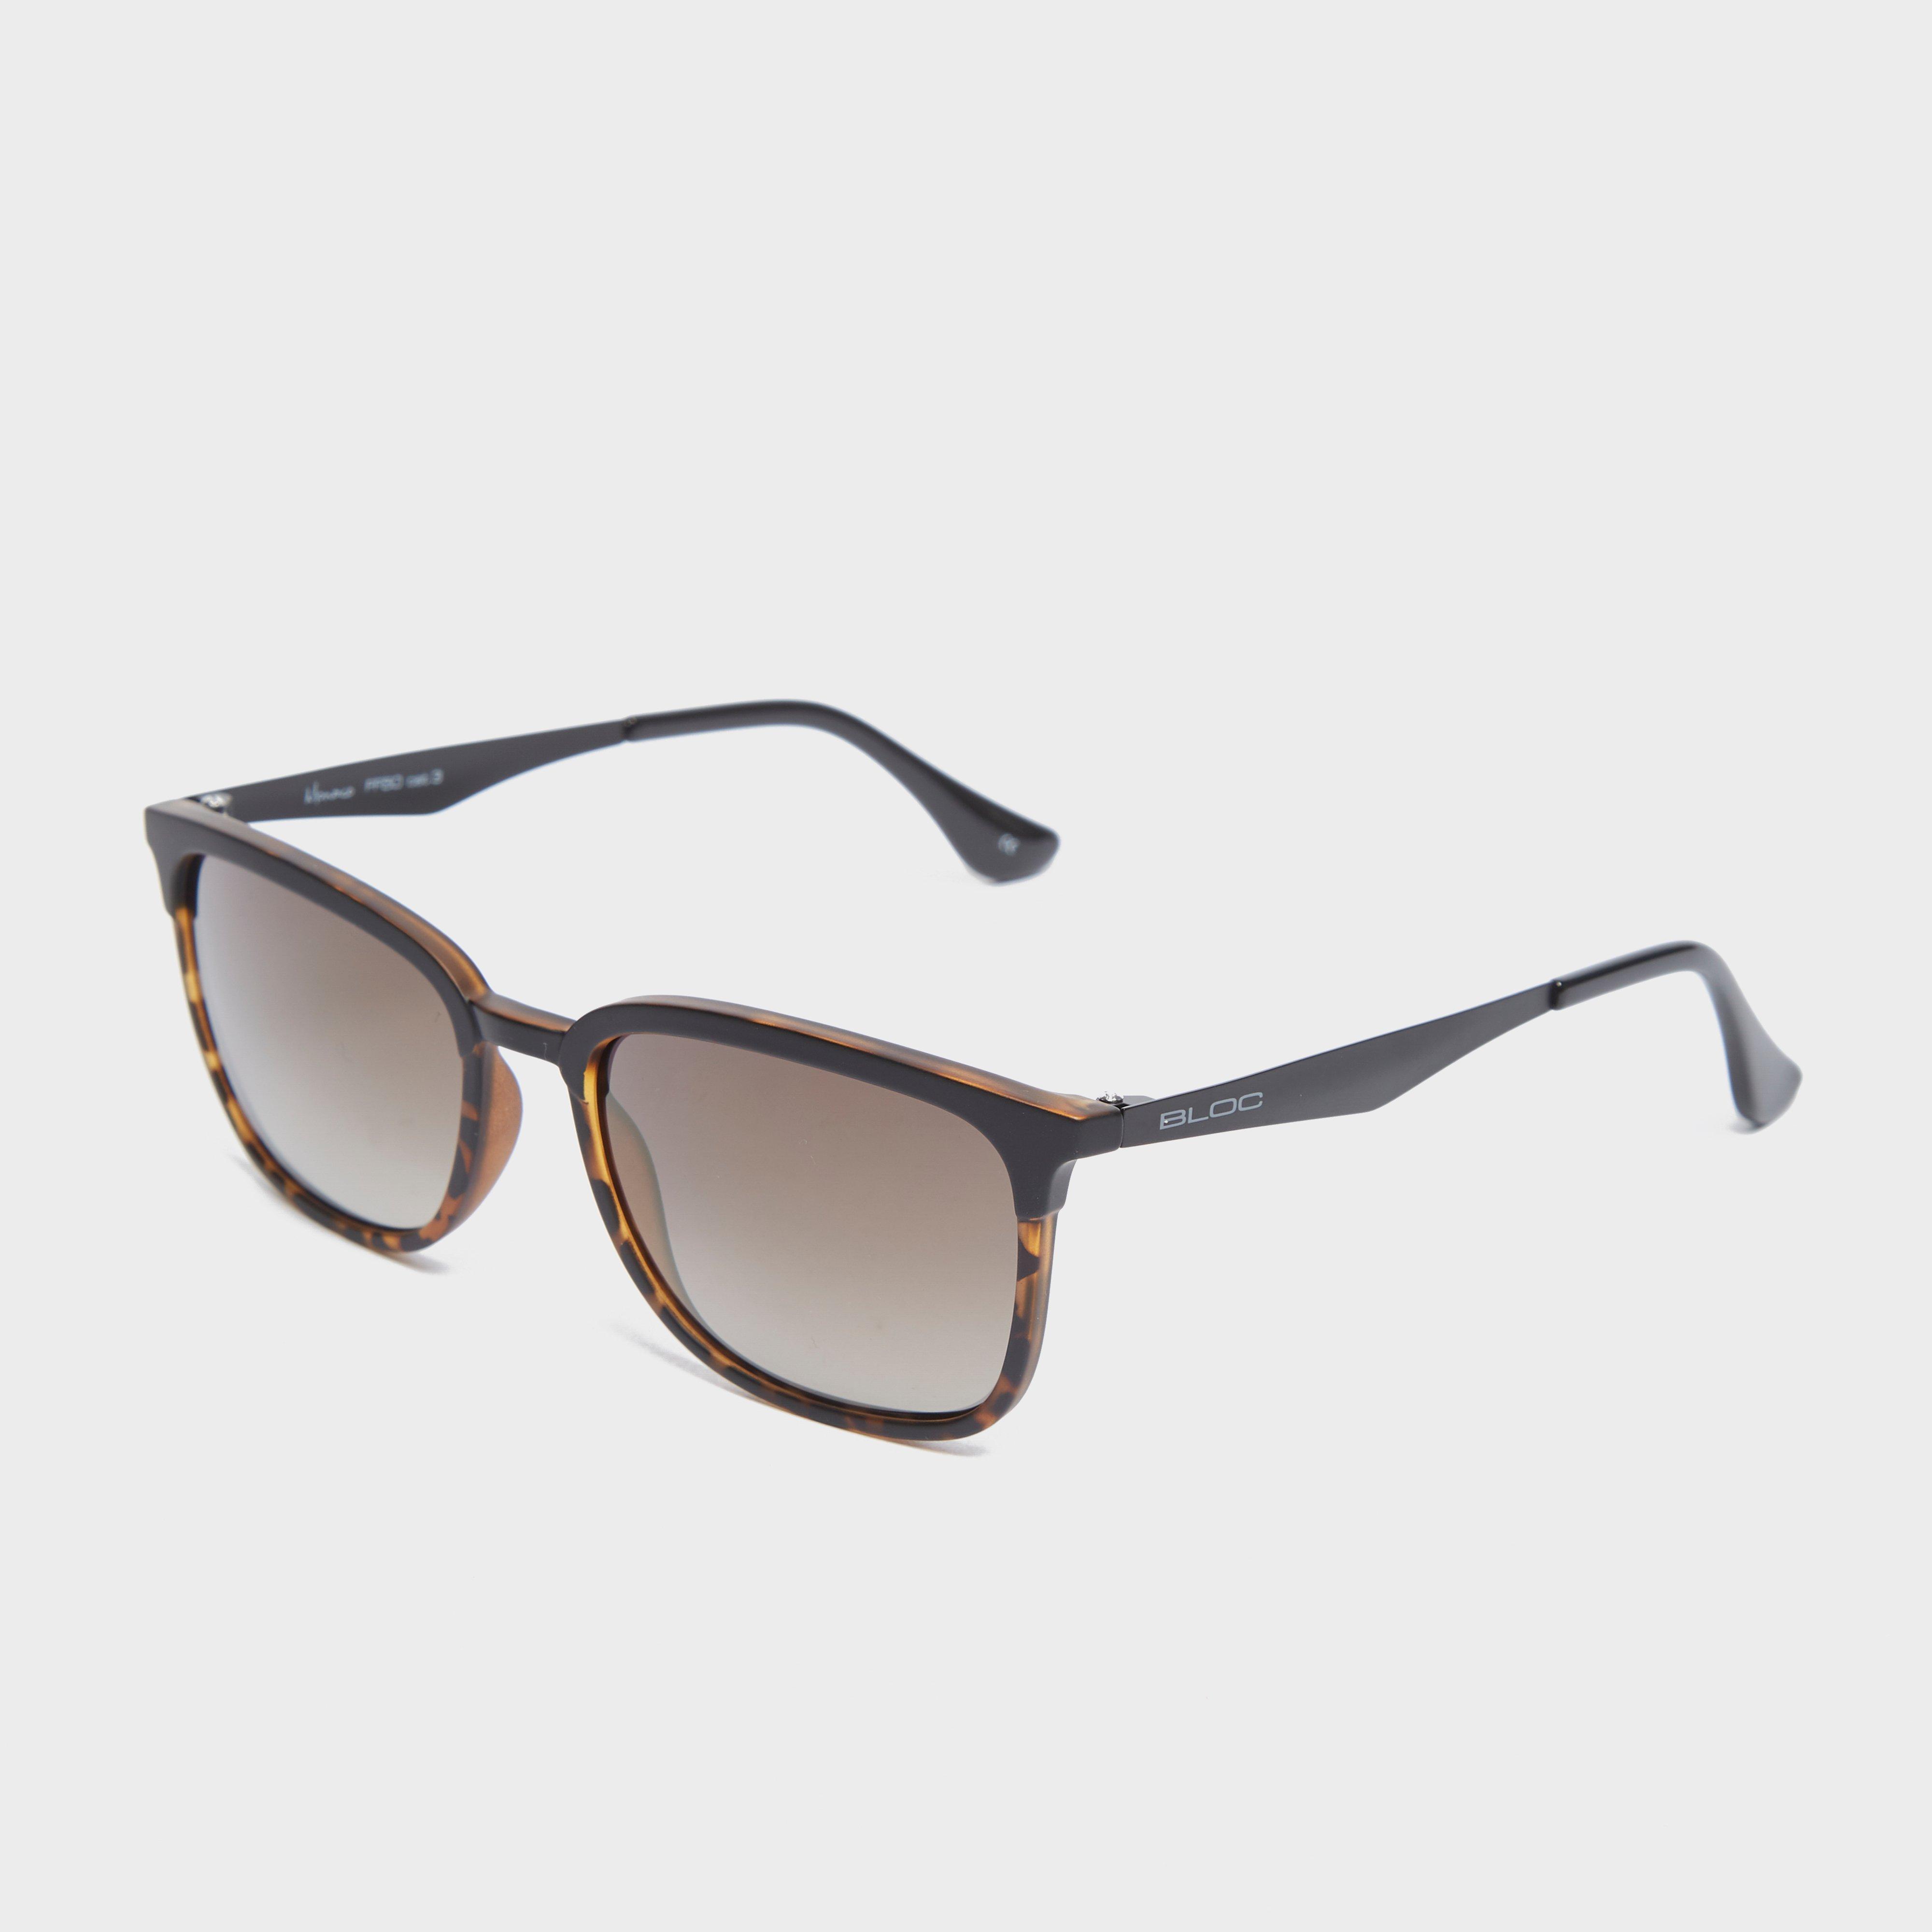 Bloc Monaco Ff50 Sunglasses - Black/Ff50, Black